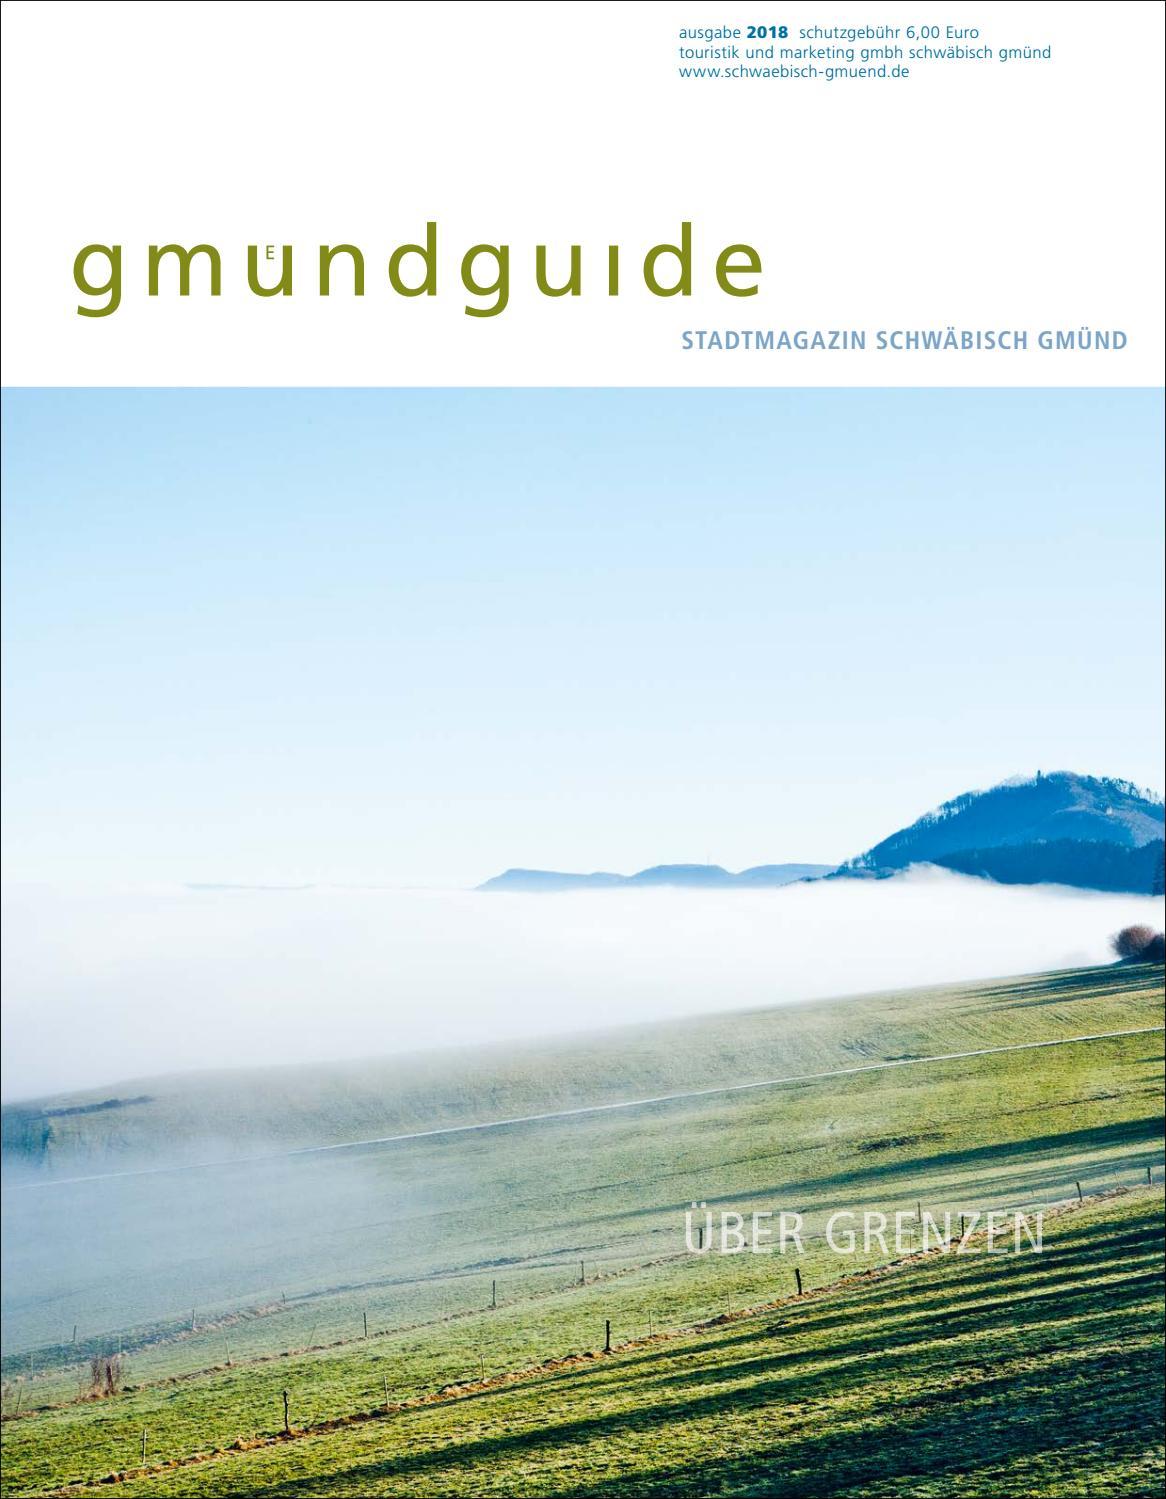 gmündguide - Stadtmagazin Schwäbisch Gmünd by Gestaltungsagentur ...